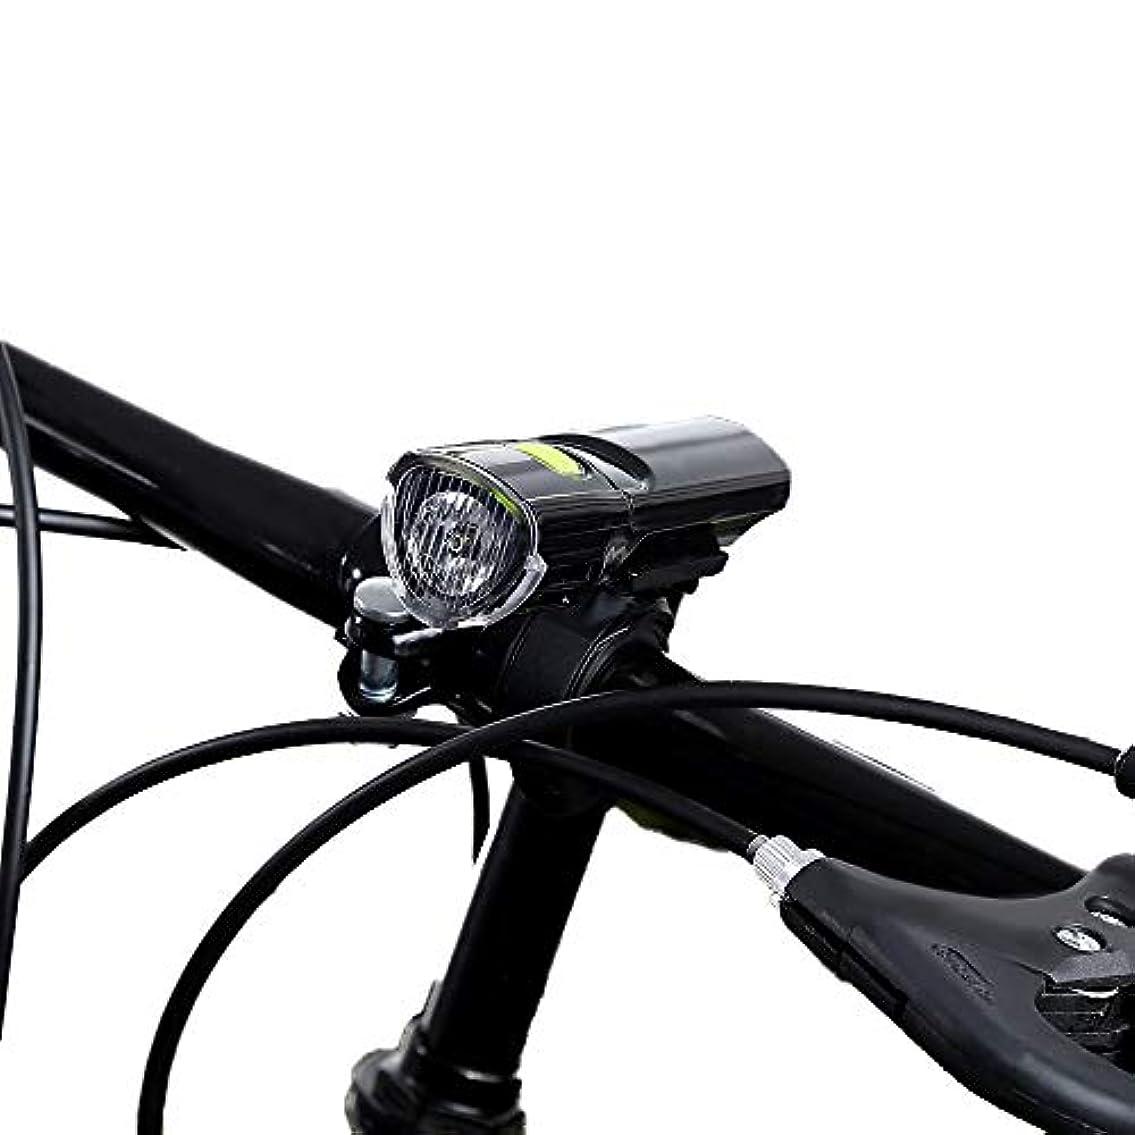 窓薬委任するセーフティライトヘッドライト懐中電灯バイクアクセサリーを警告アウトドア自転車Mtb防水Ledフロント